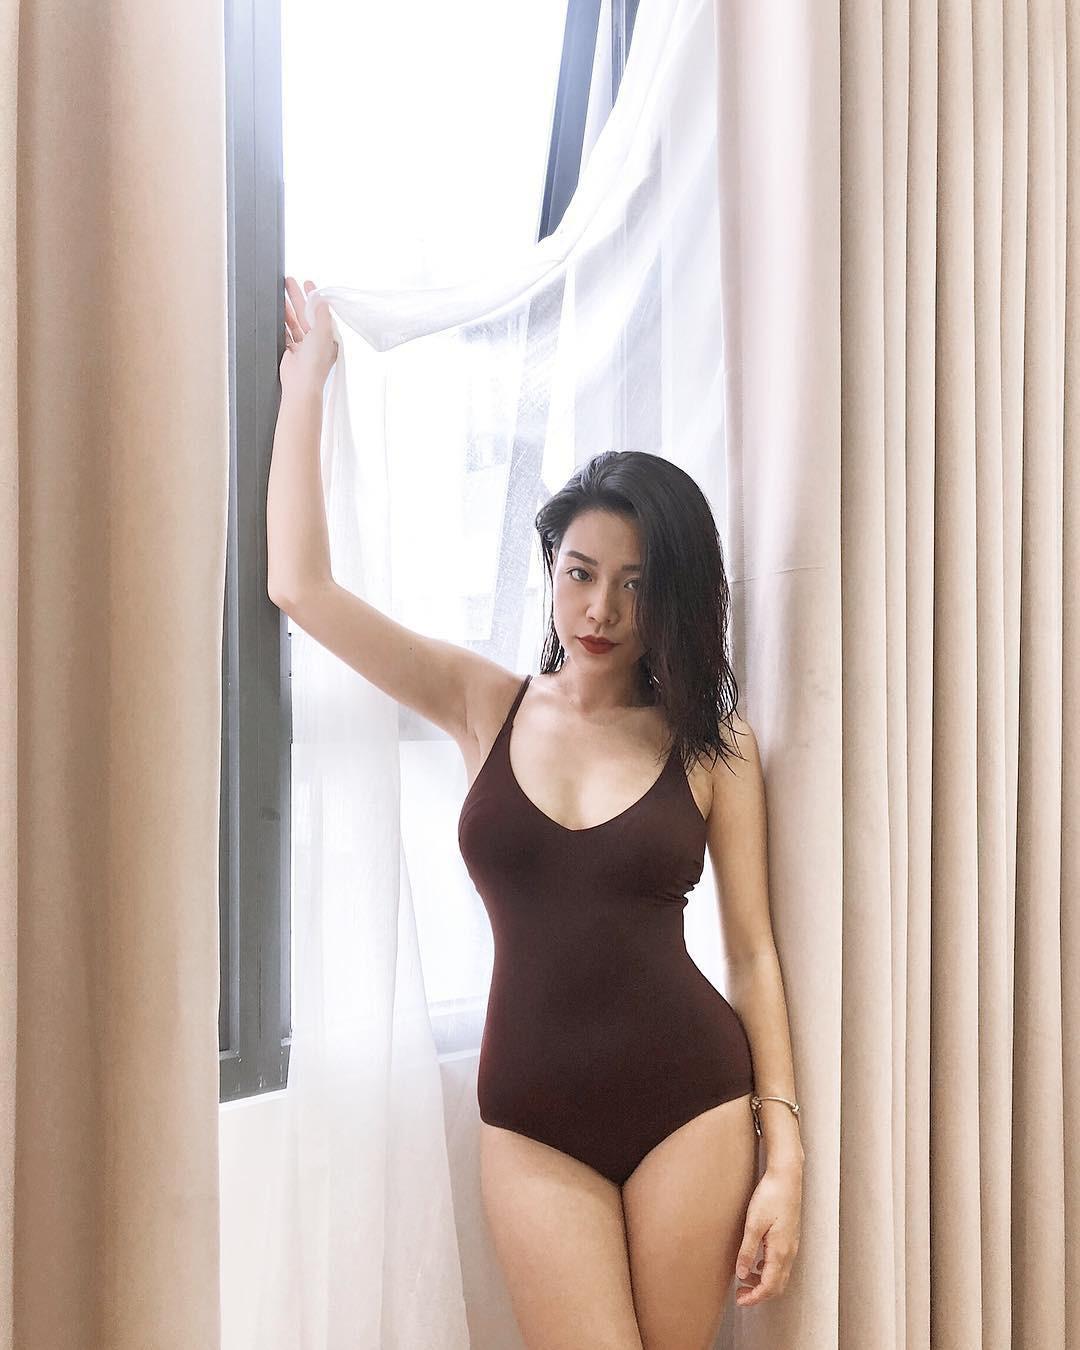 Chỉ tầm 3 mét bẻ đôi, dàn hot girl này chứng minh Ai nói cao mới chuẫn đẹp dáng người mẫu